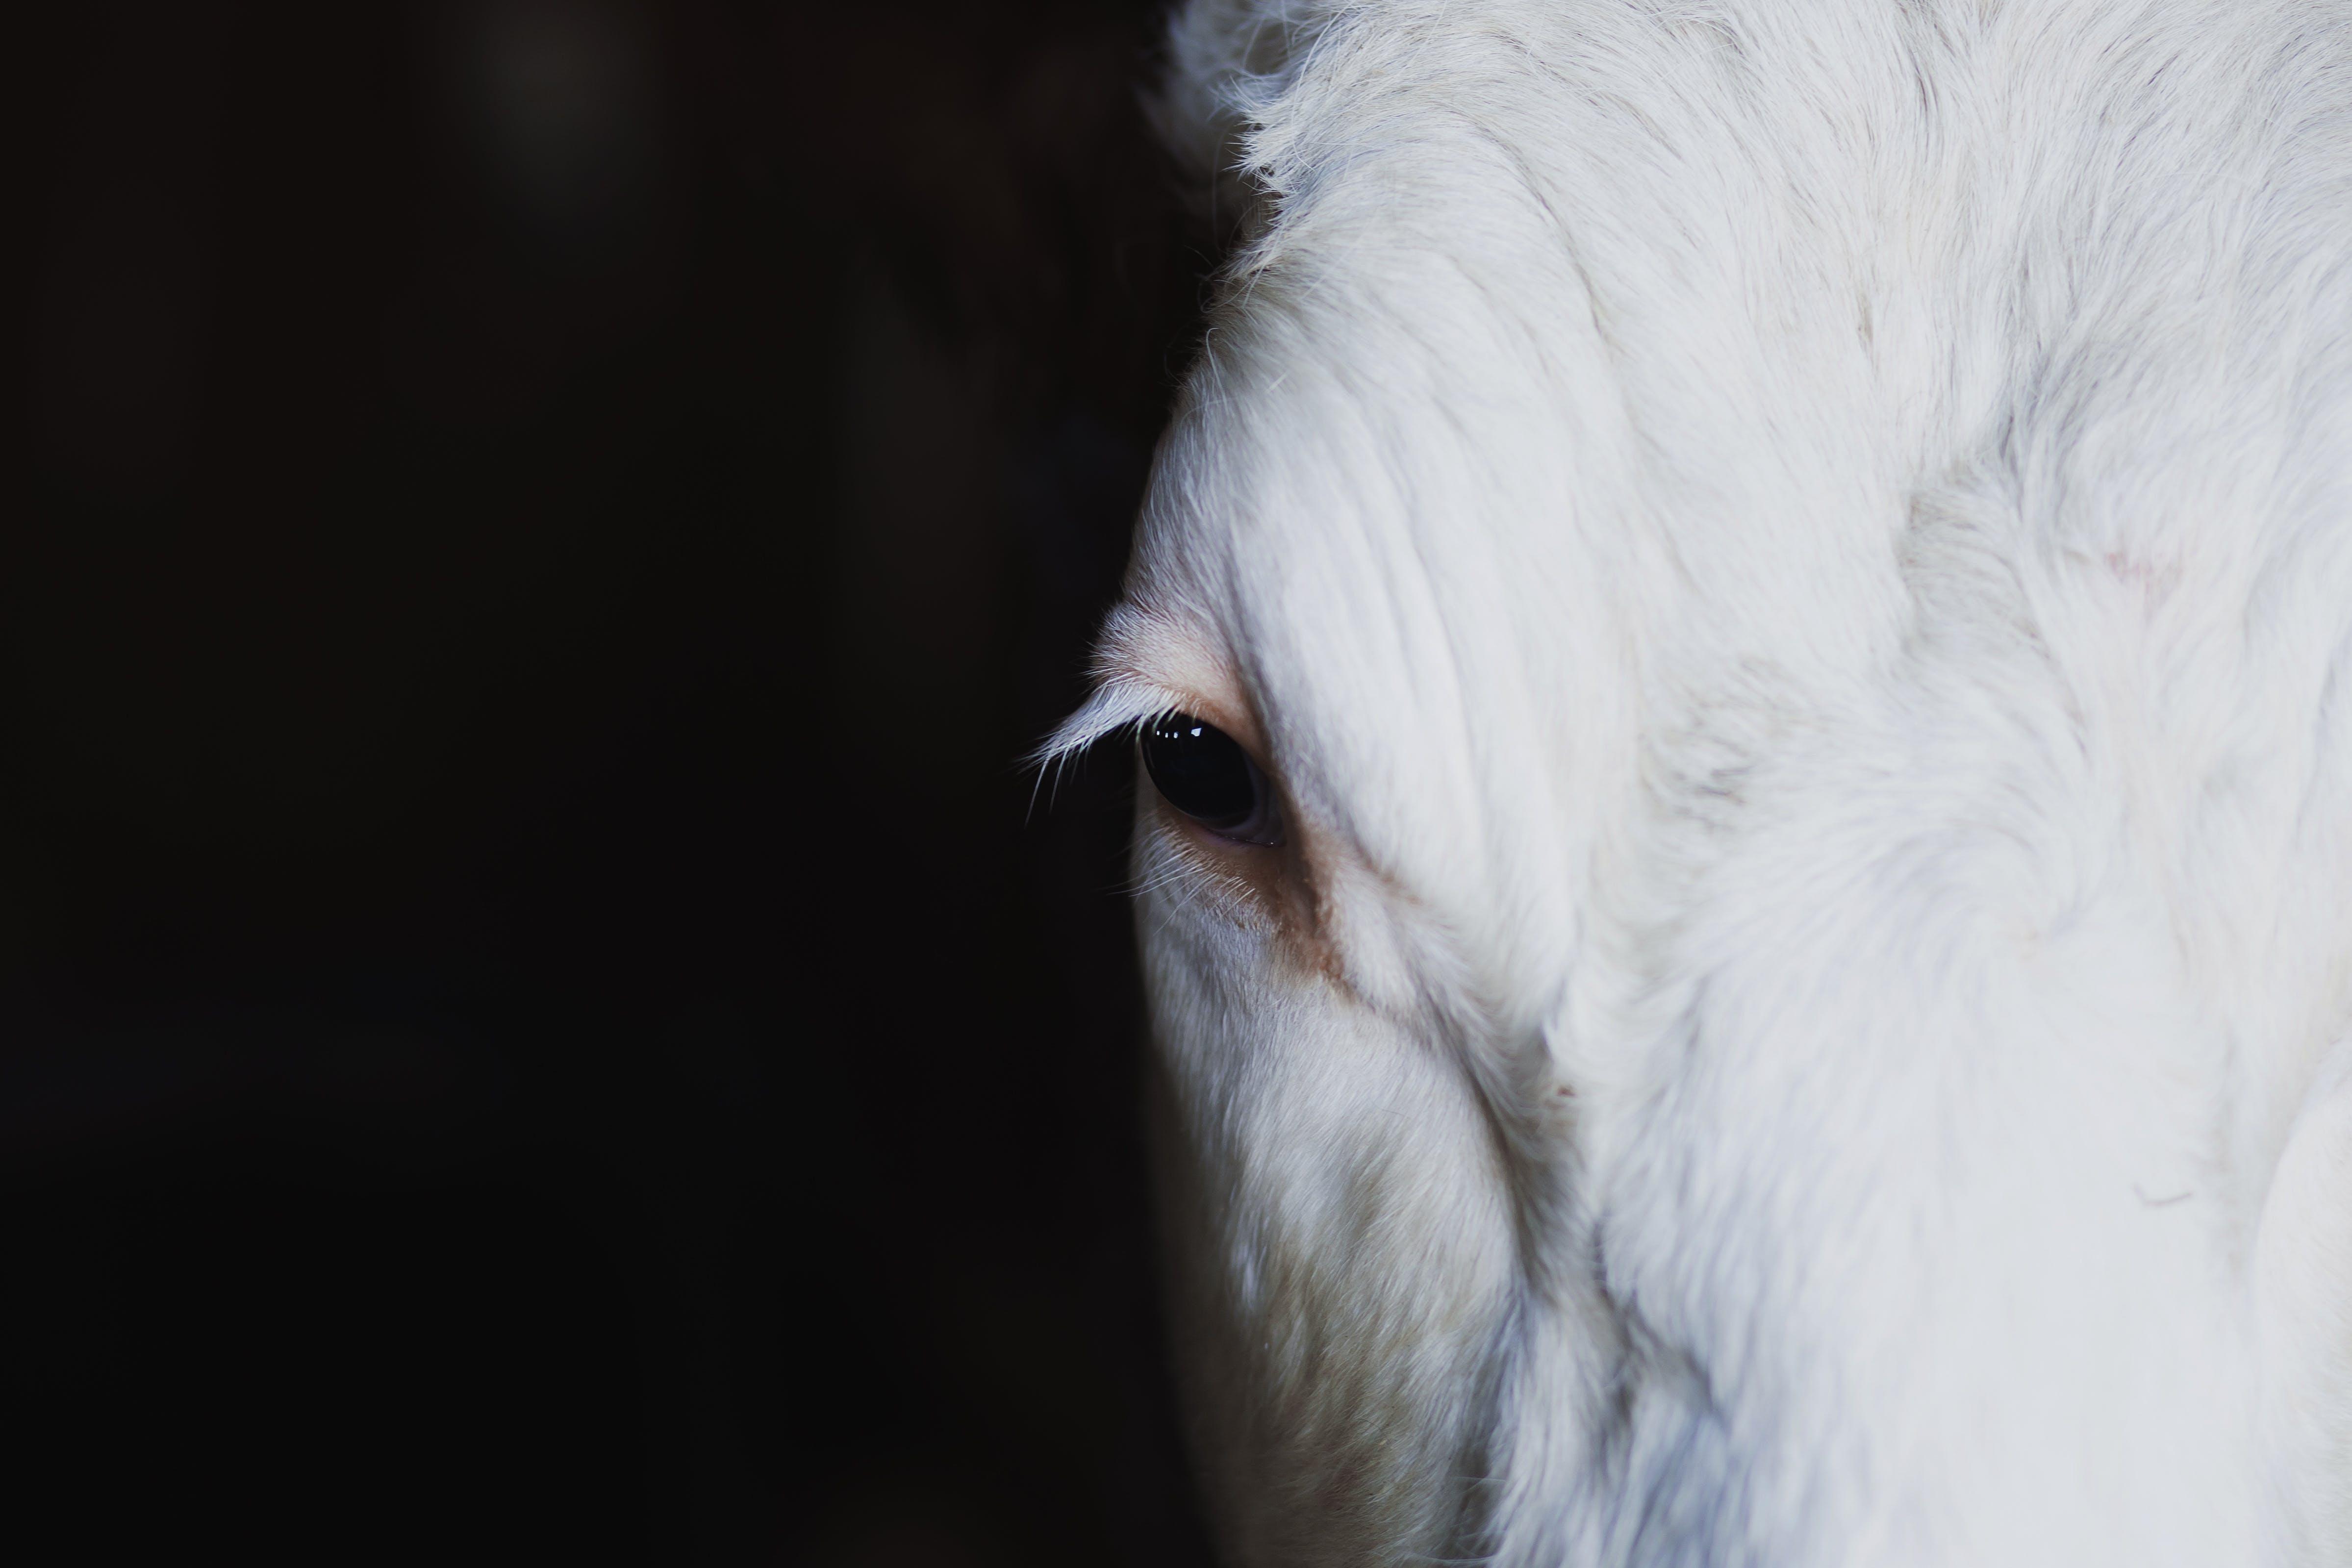 動物, 哺乳動物, 白馬, 馬 的 免费素材照片